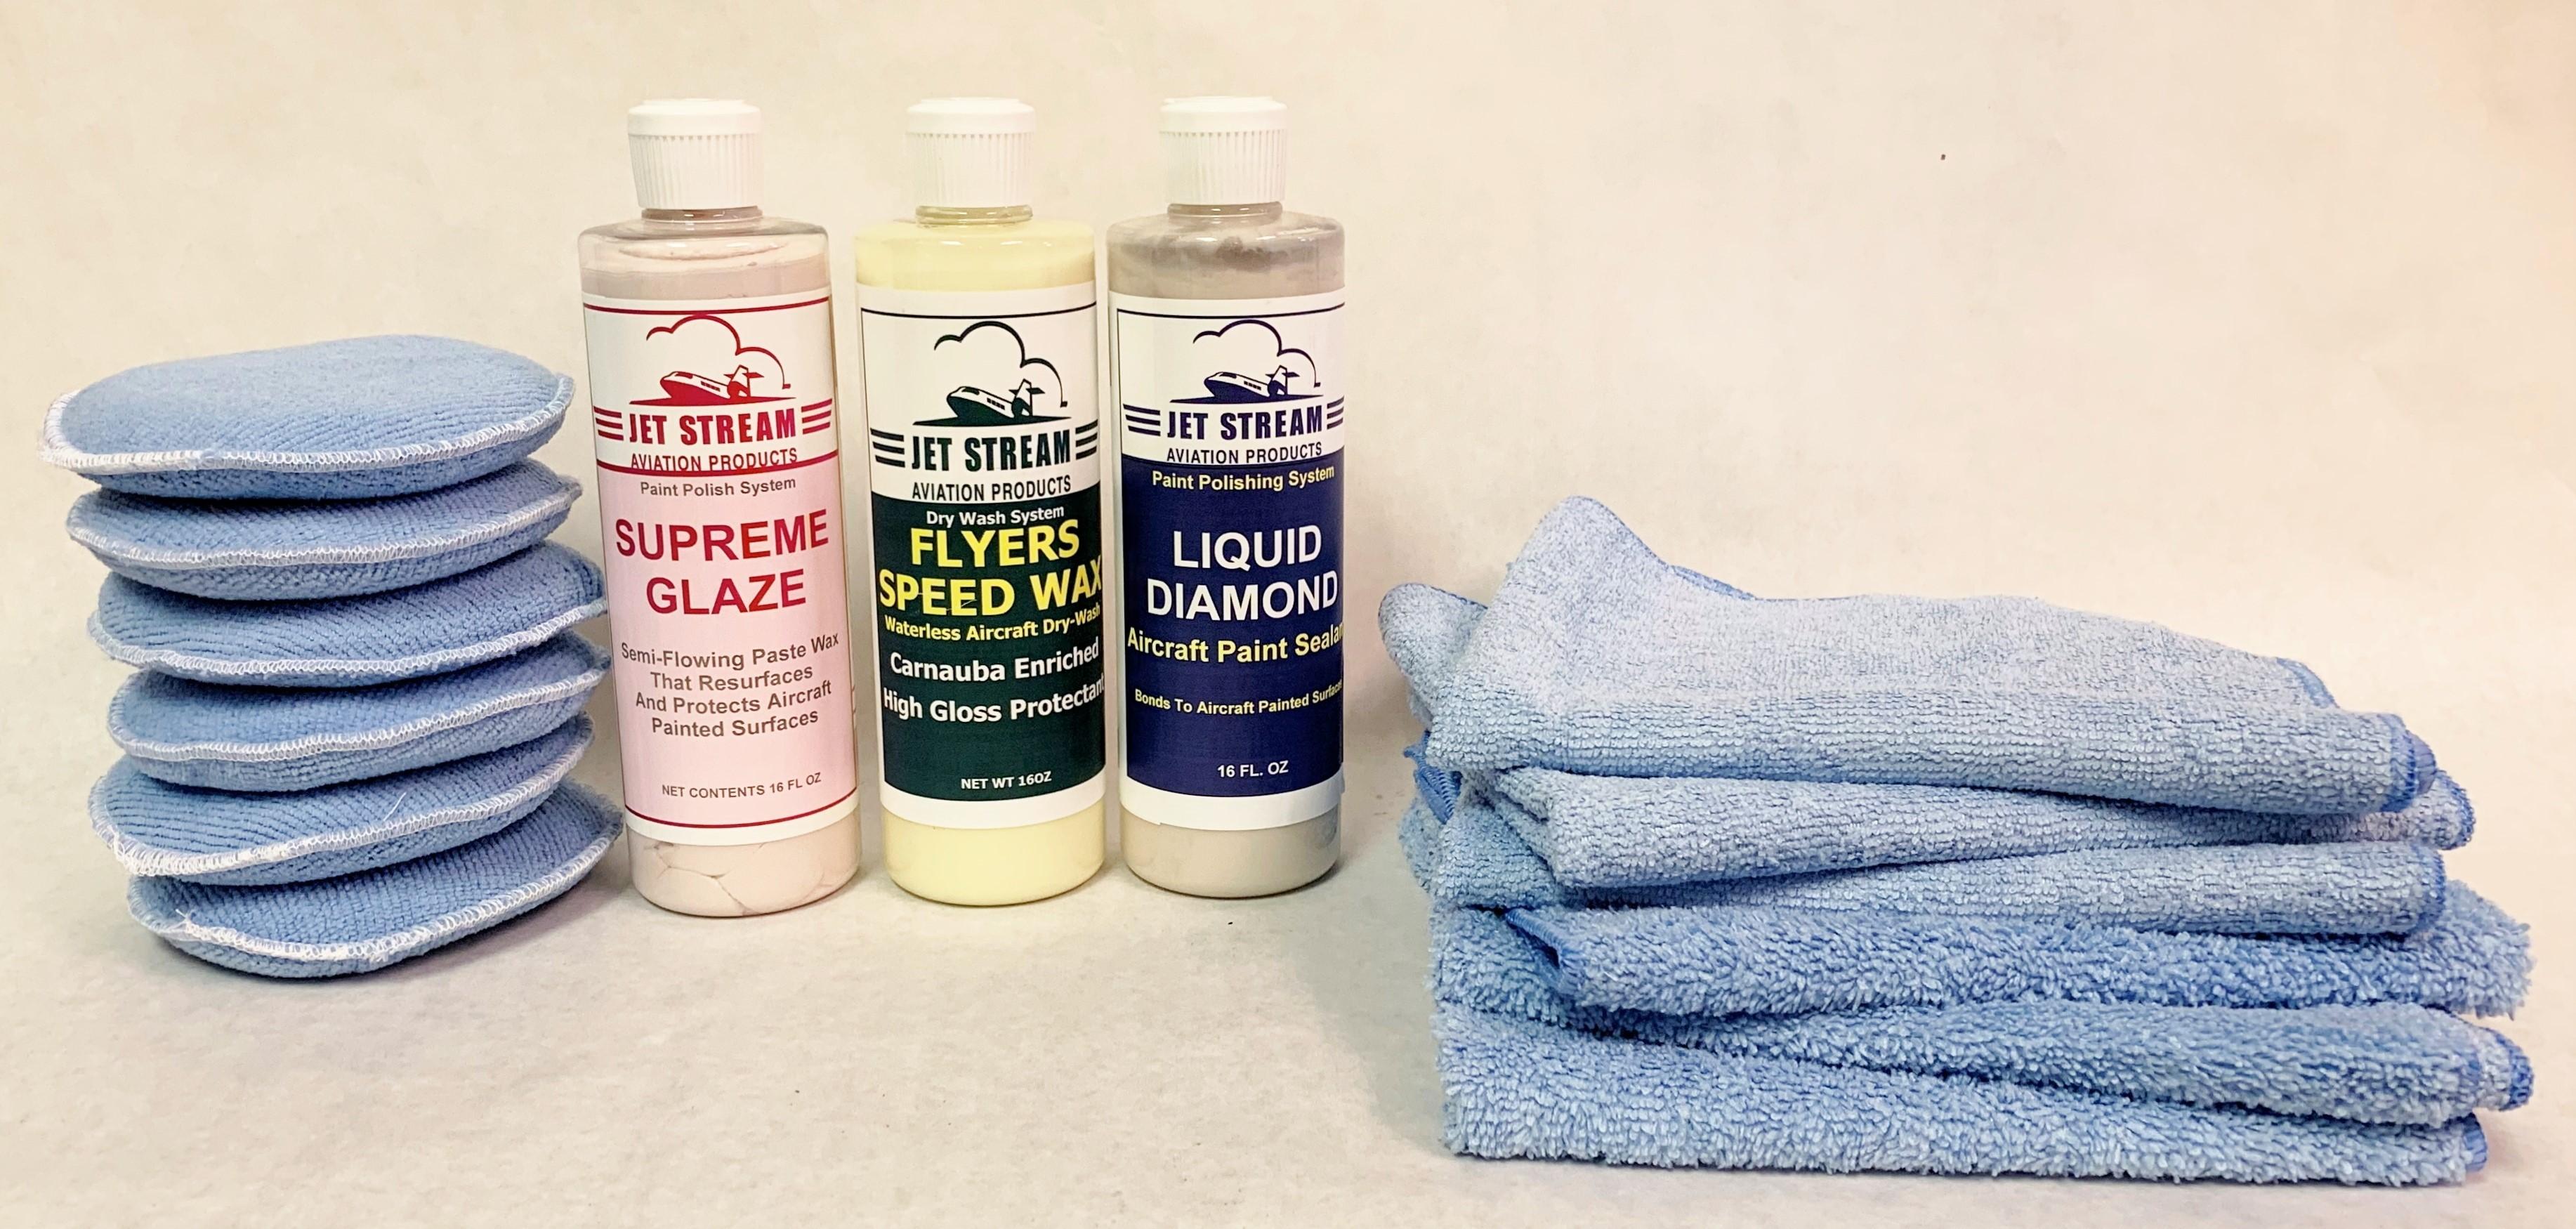 Paint Polishing Kit - PPK1